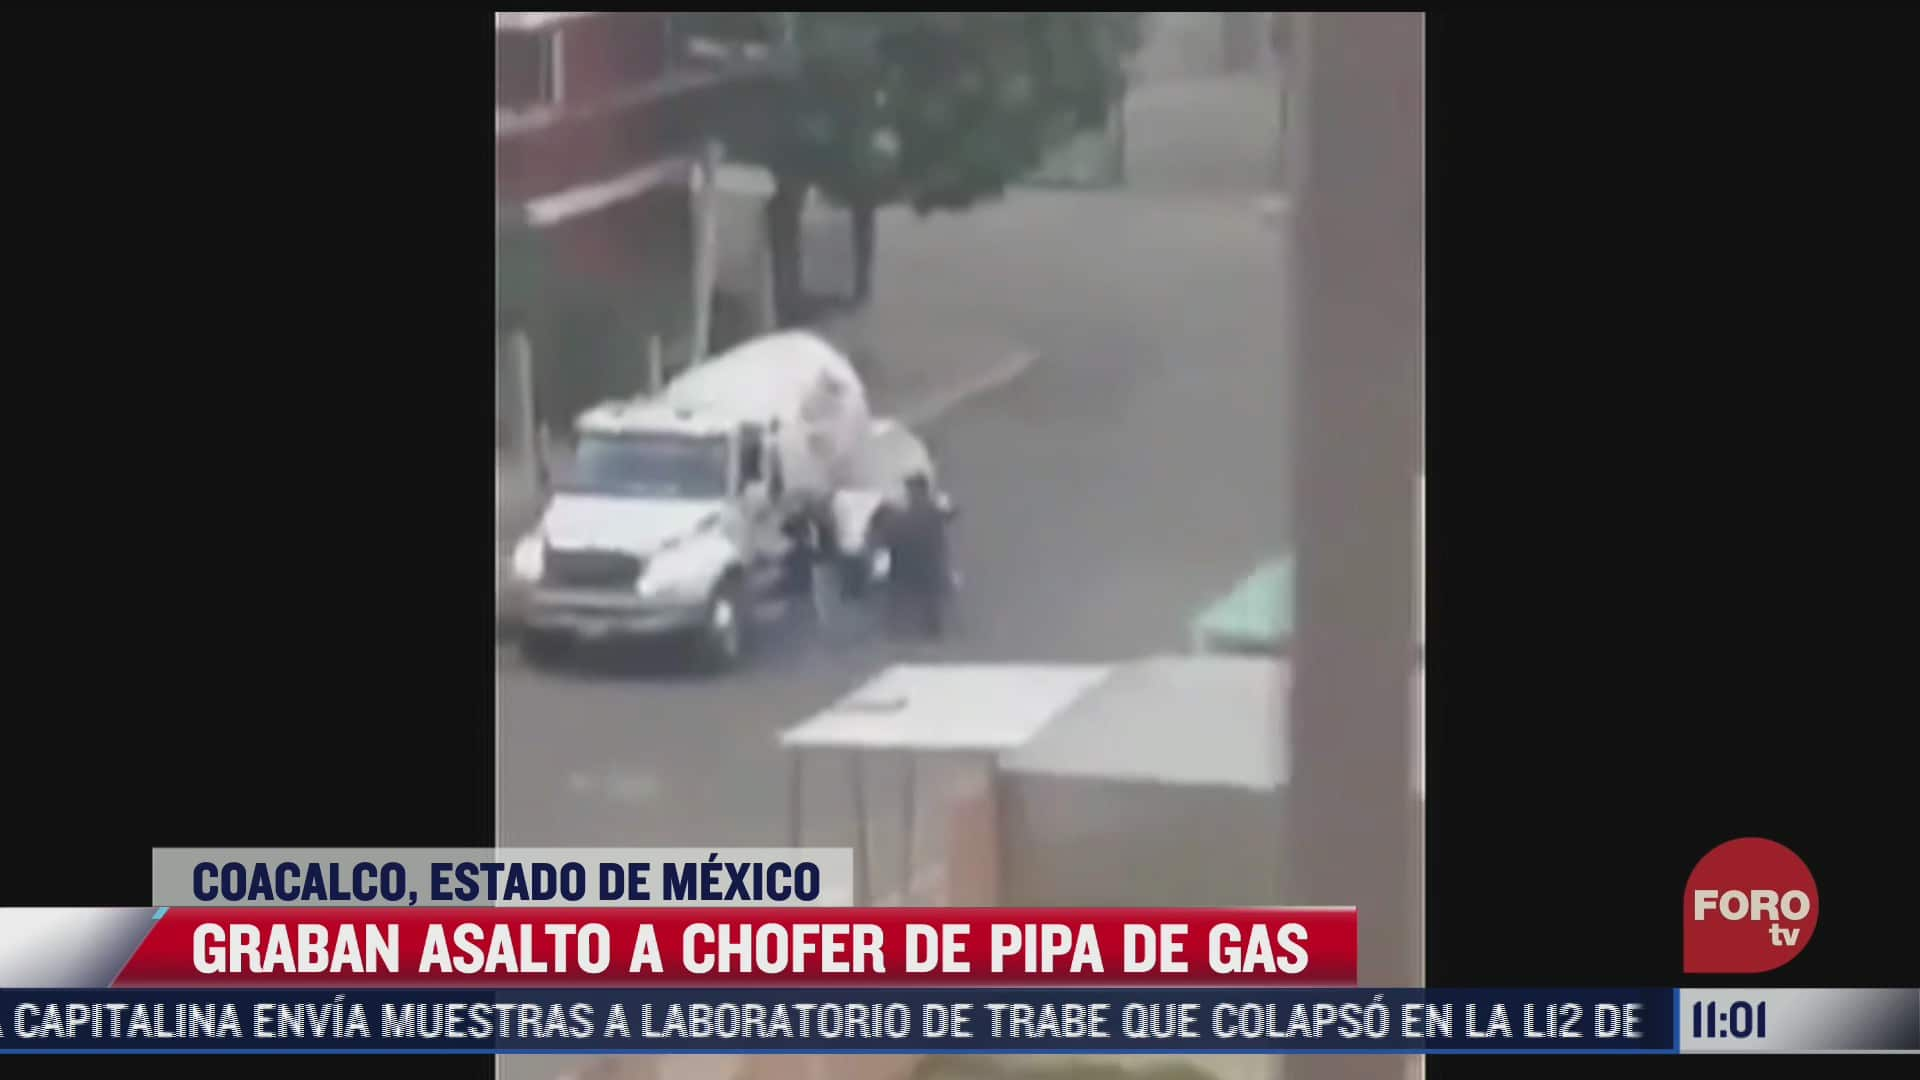 graban asalto a chofer de pipa de gas en coacalco